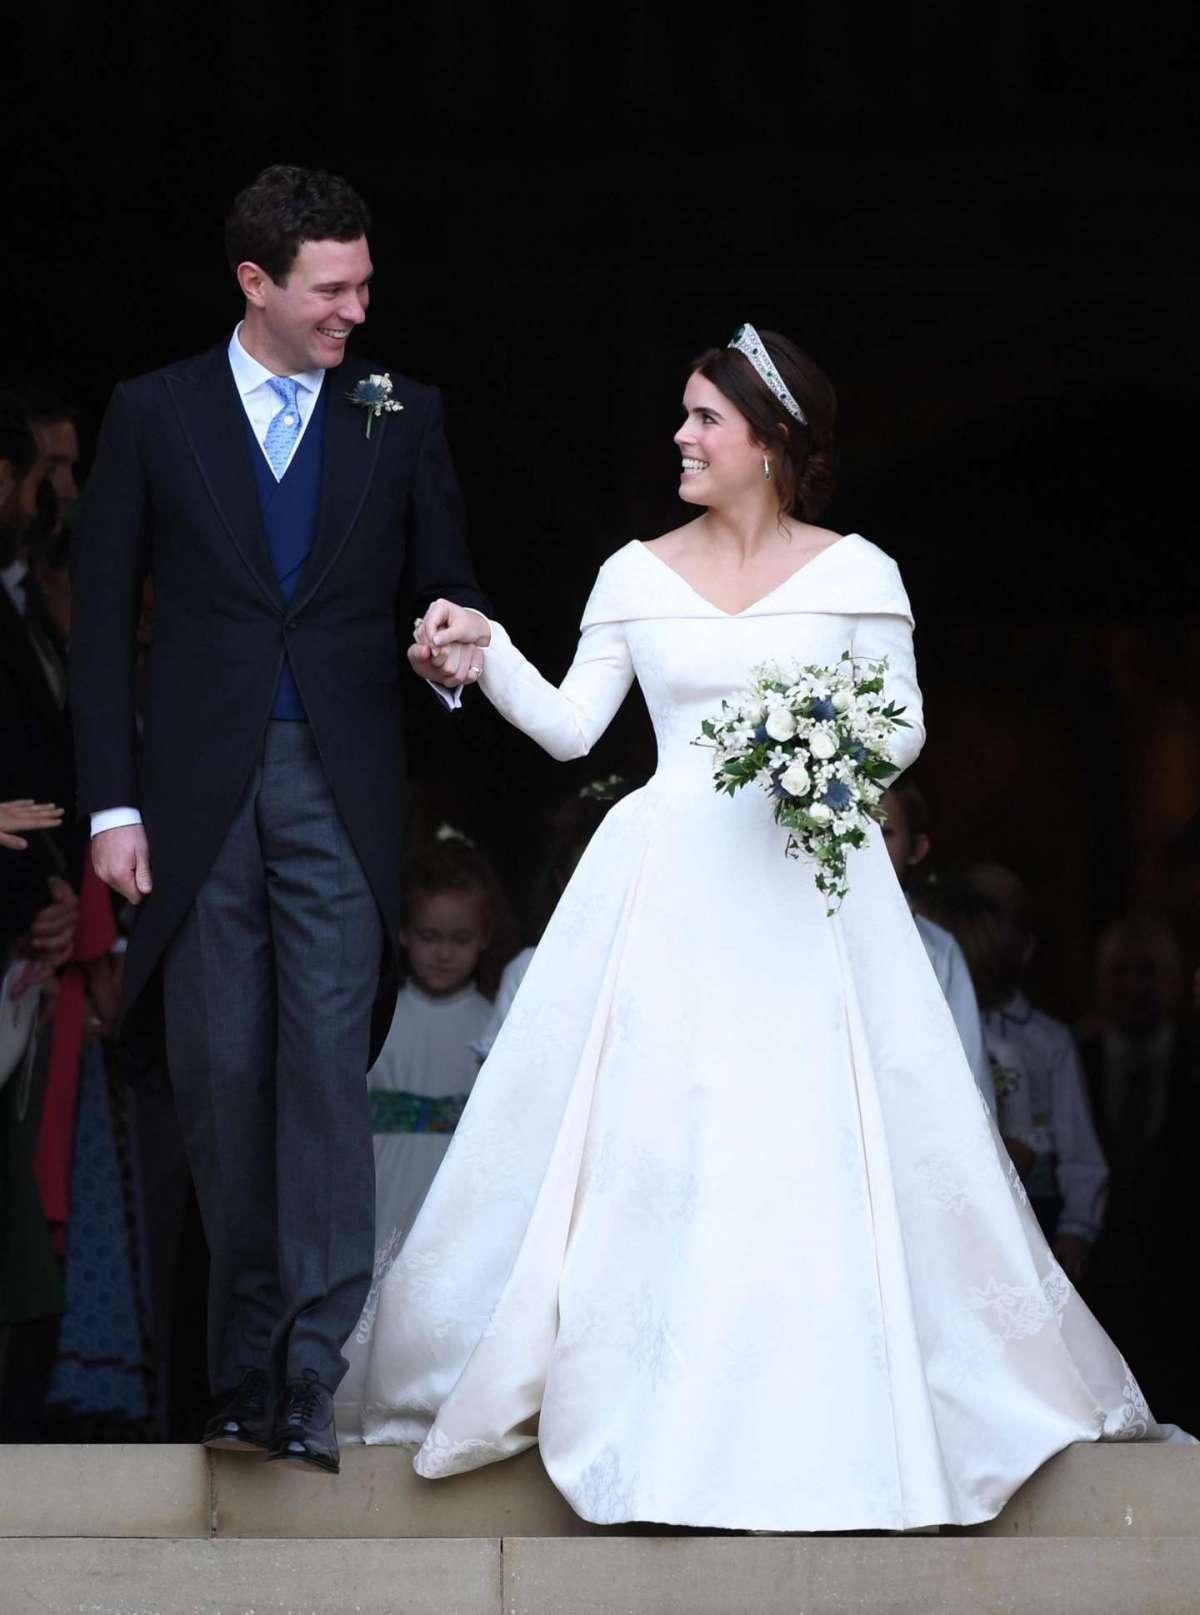 Il sorriso di Jack Brooksbank ed Eugenie di York